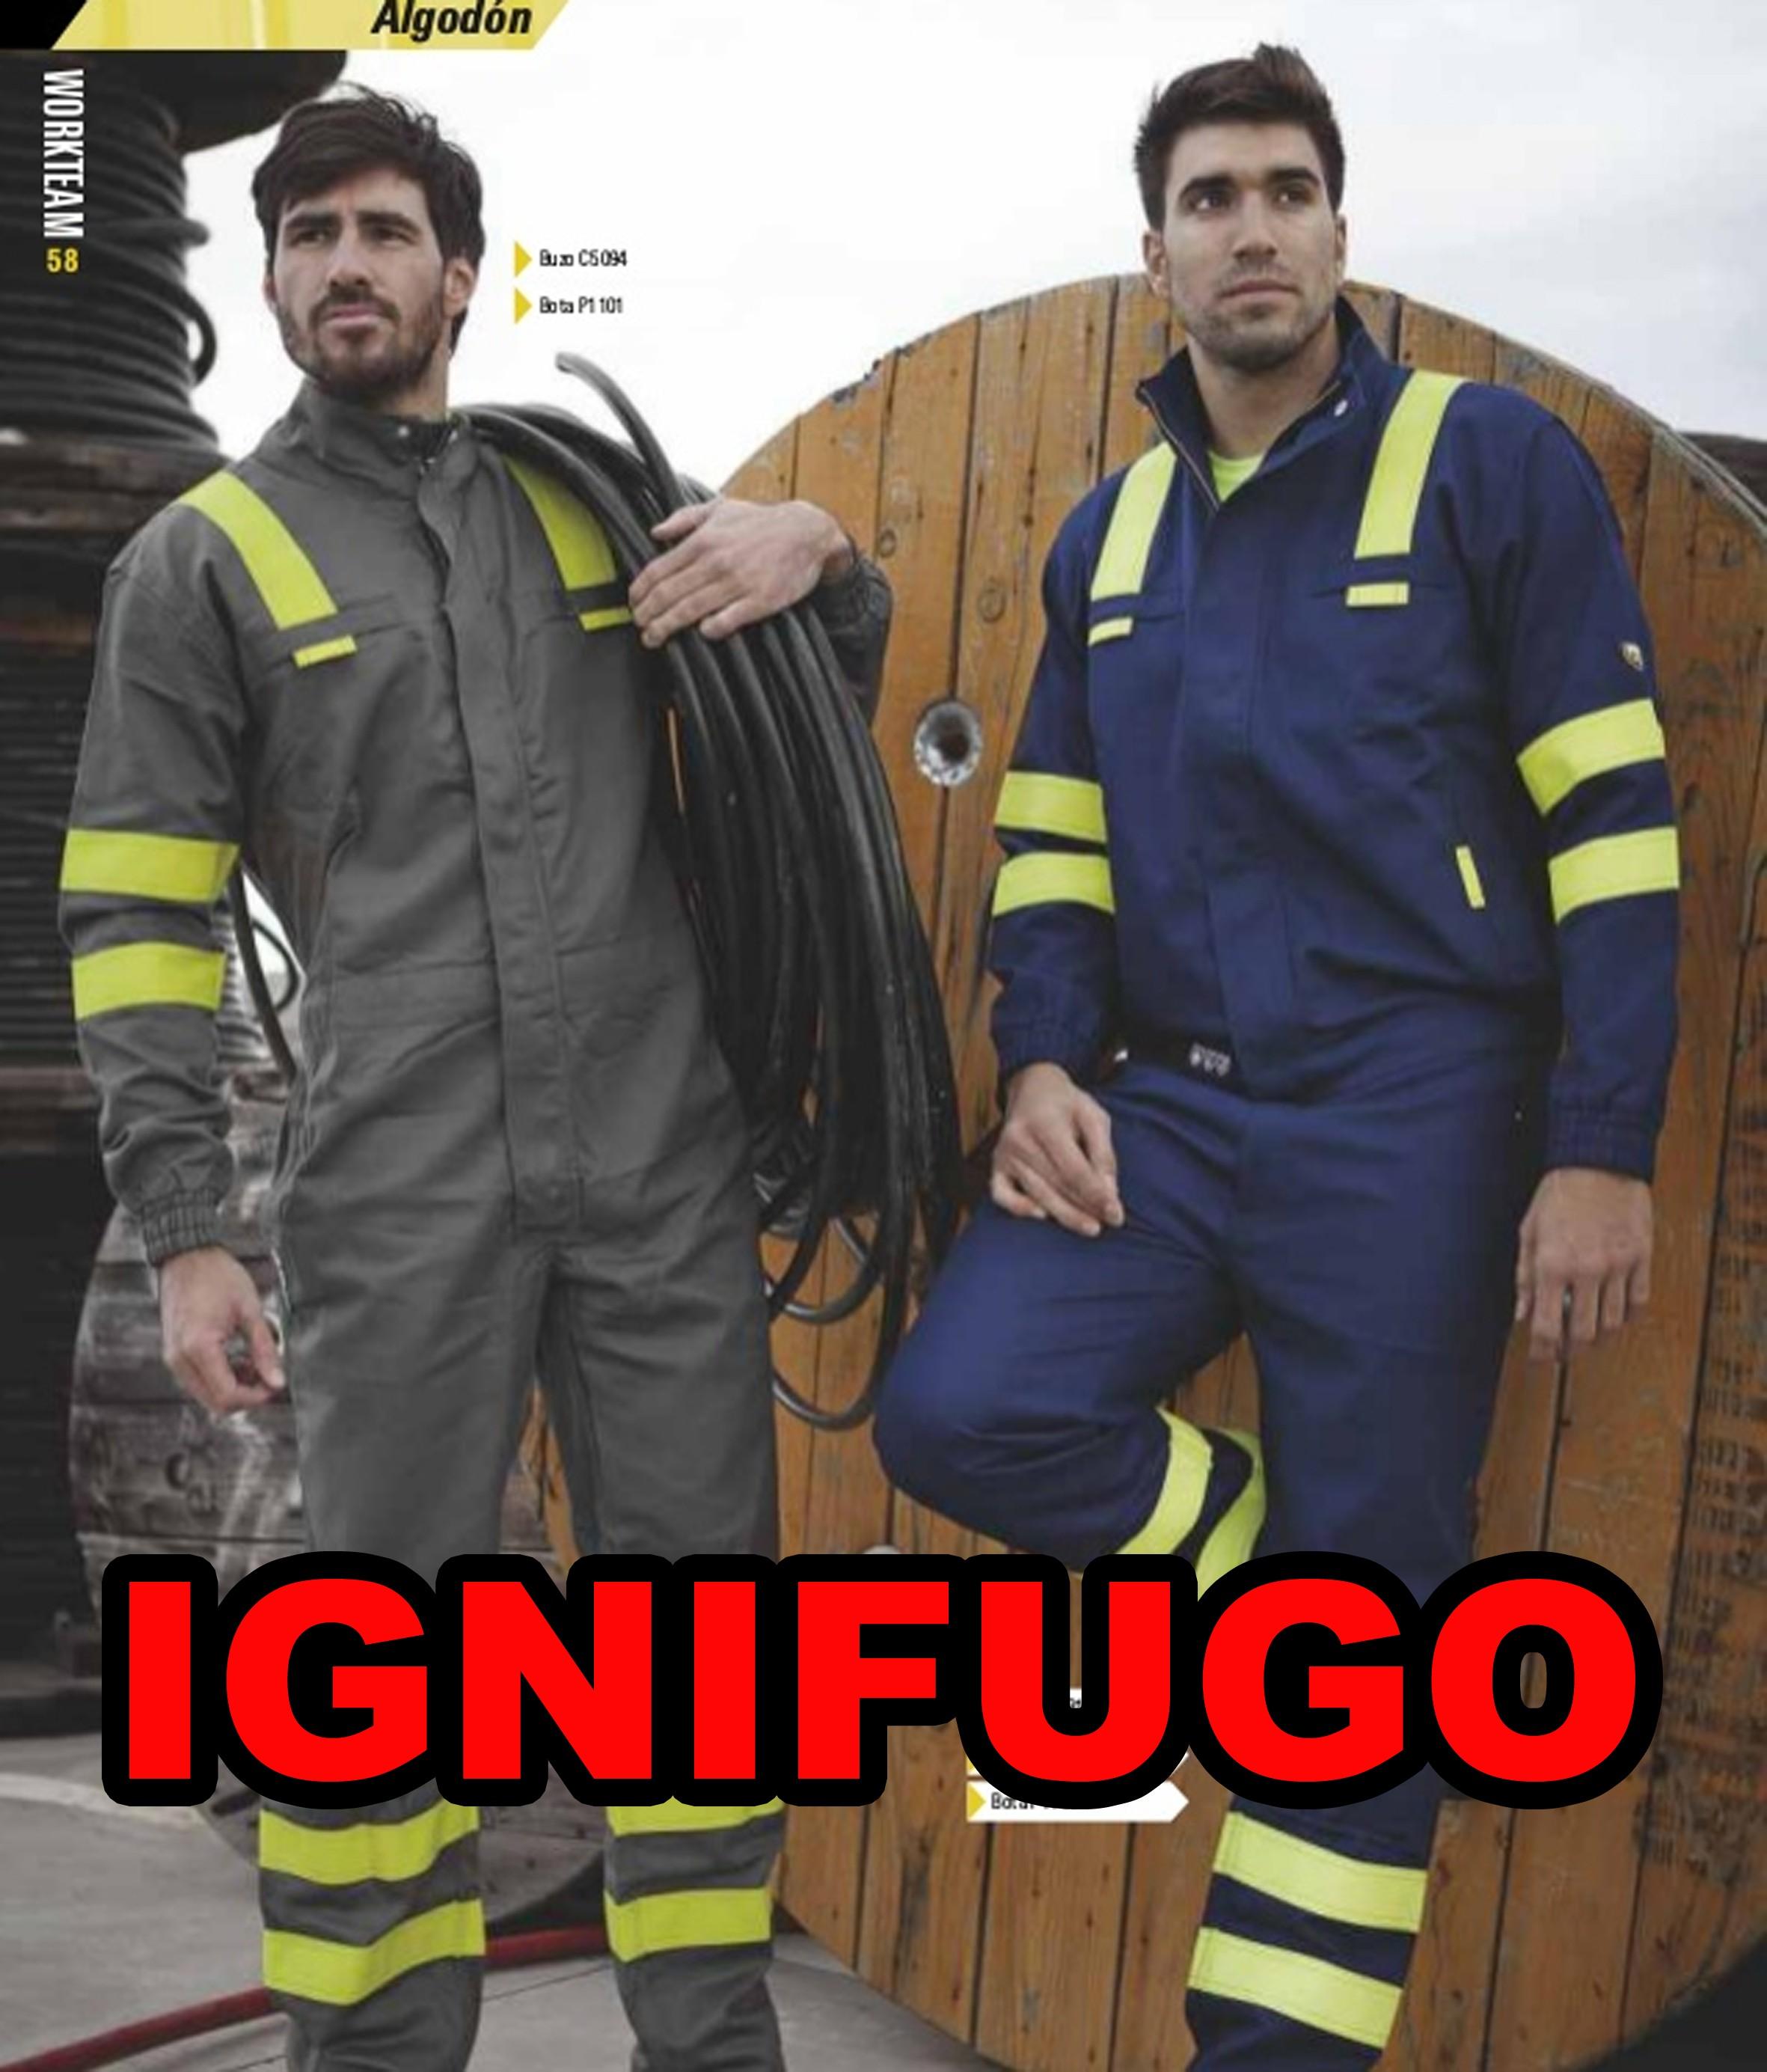 PRENDAS IGNIFUGAS